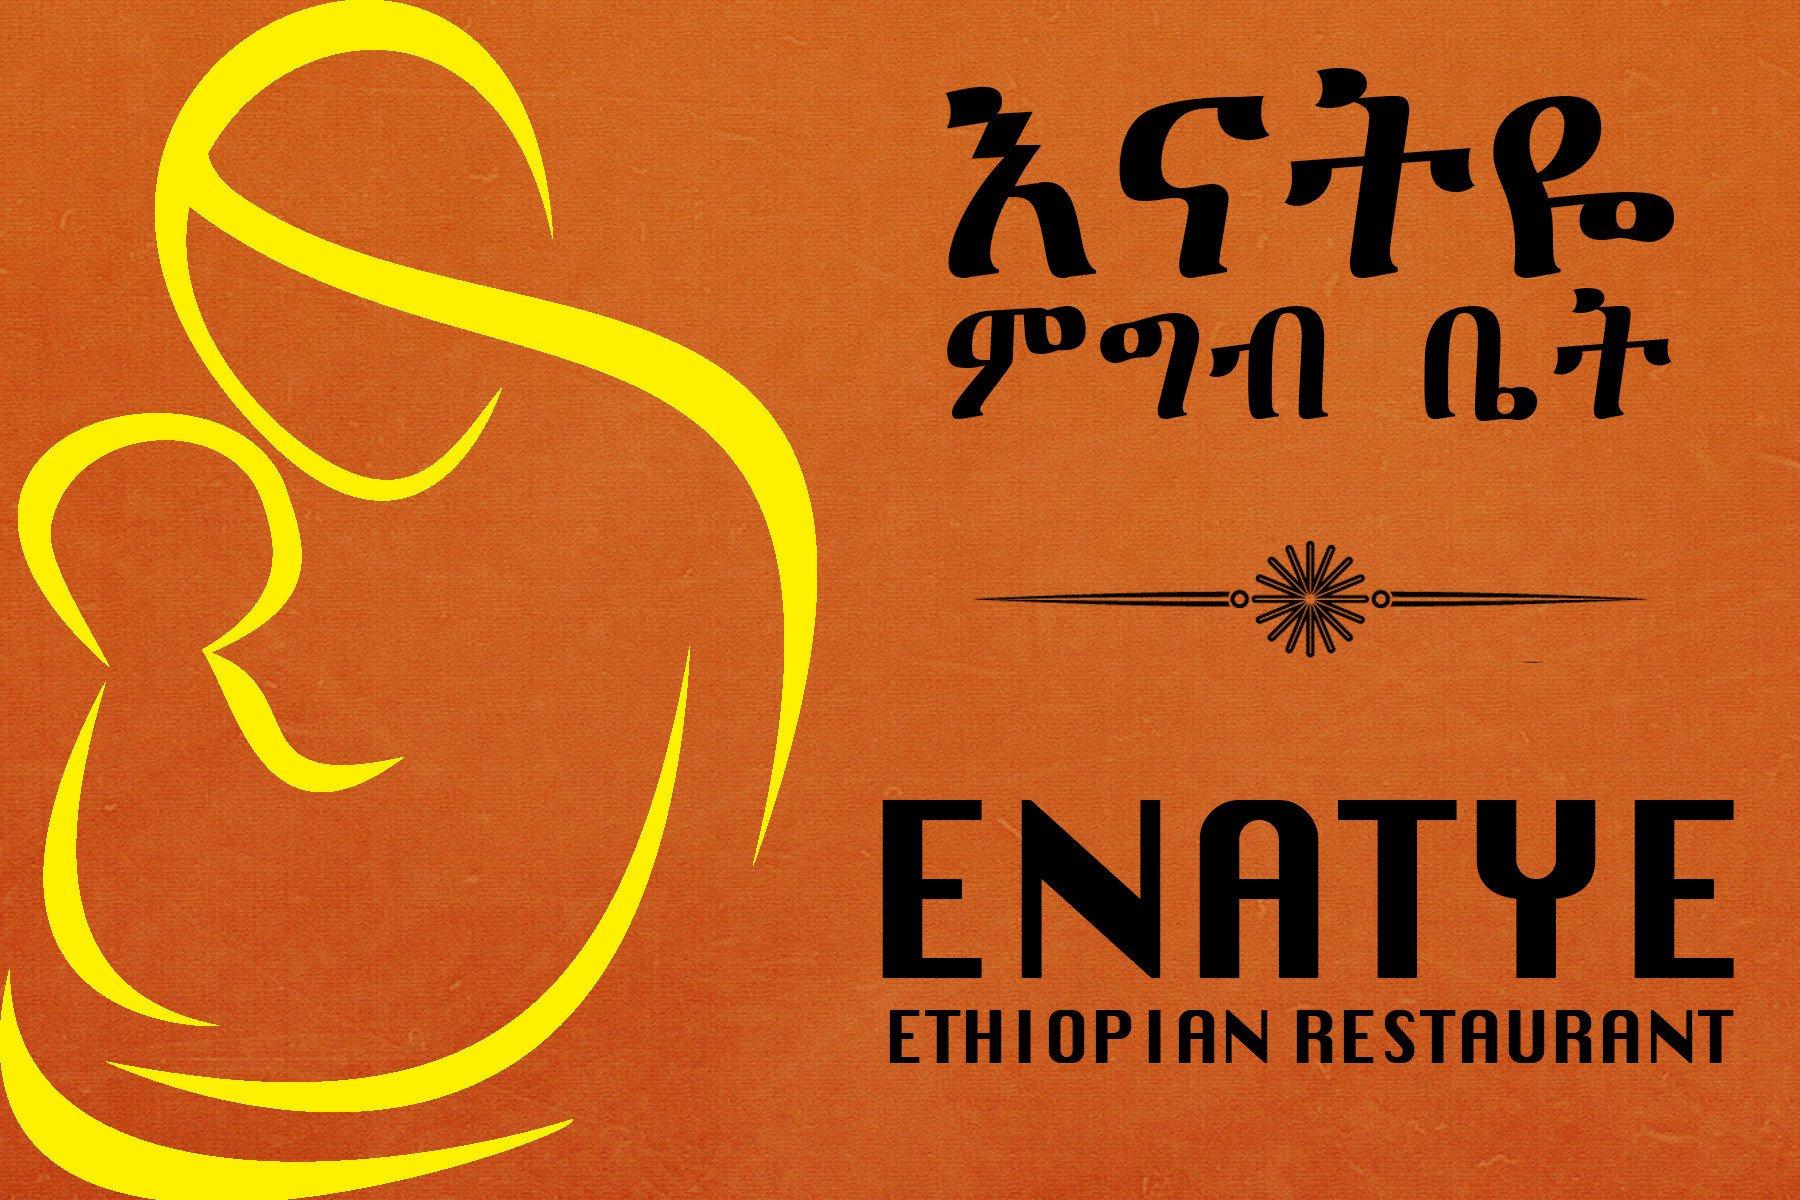 Enatye Ethiopian Restaurant